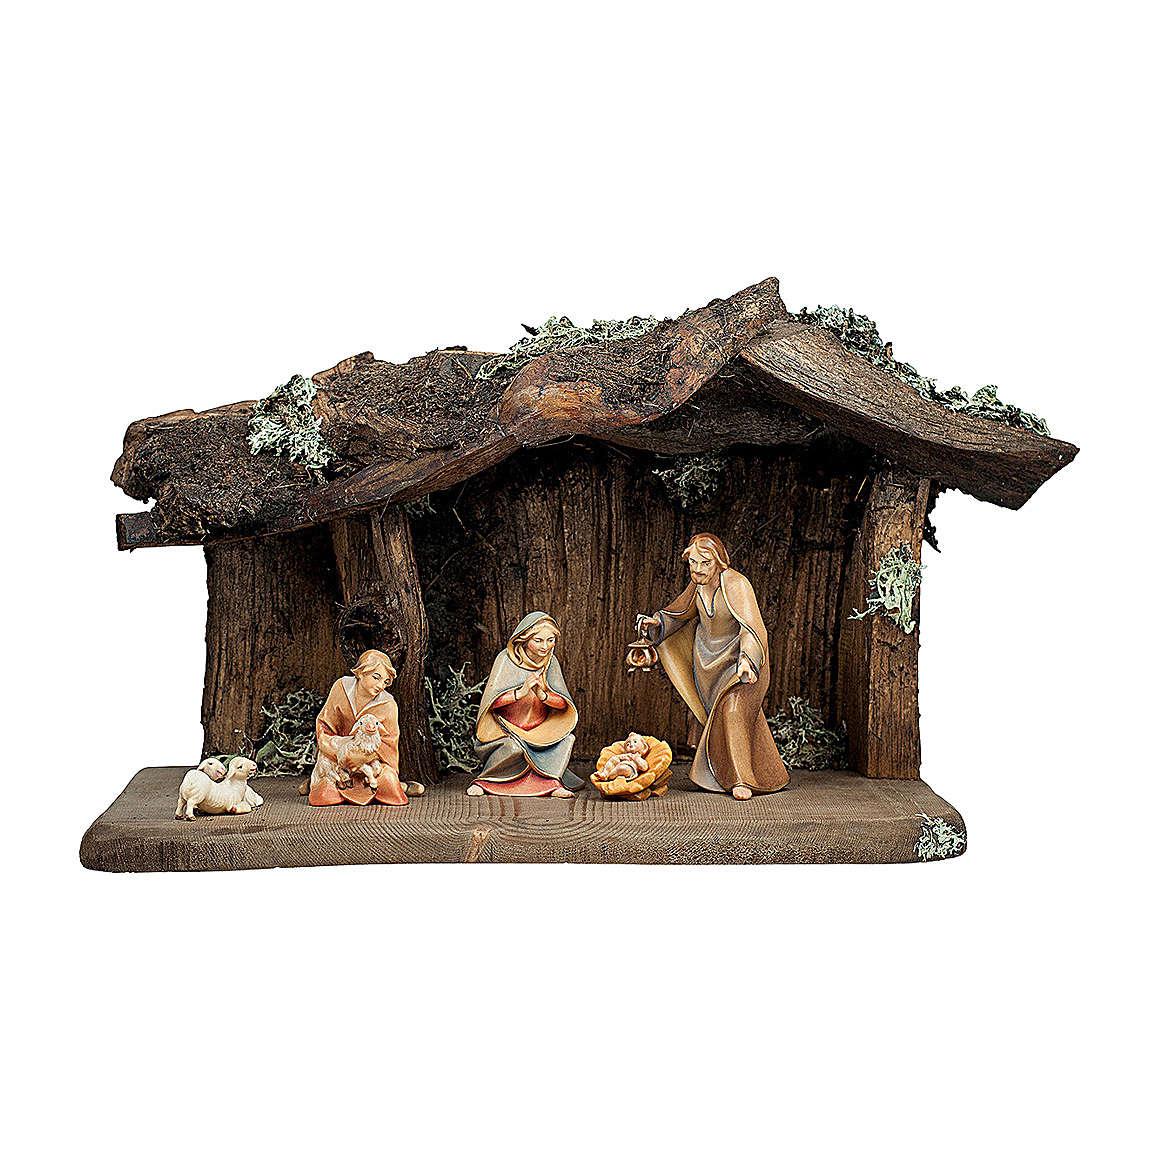 Sacra famiglia con pastorello nella grotta presepe Original Redentore legno Valgardena 12 cm - 6 pz 4